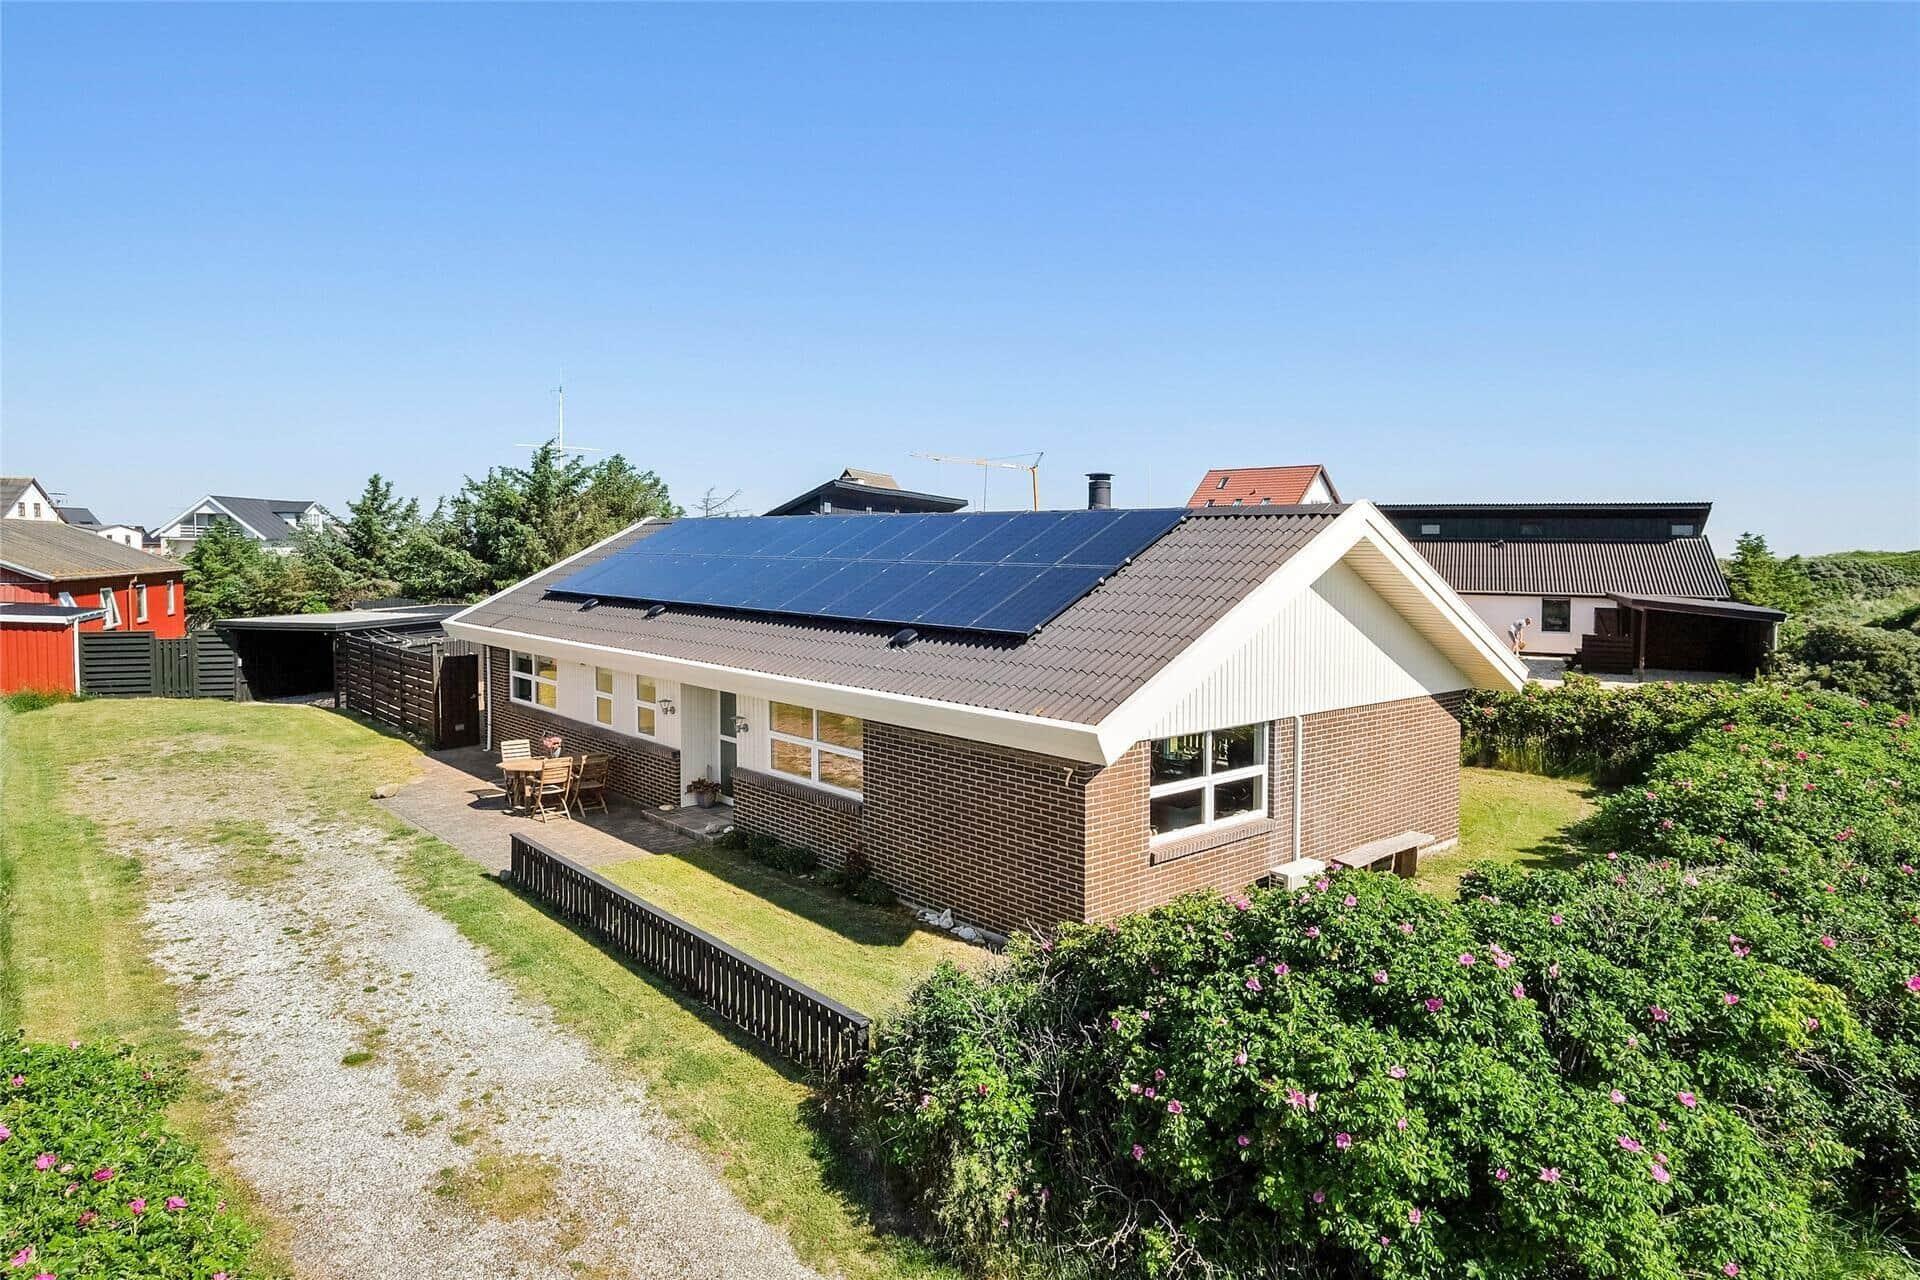 Billede 1-13 Sommerhus 659, Ørredvej 7, DK - 7700 Thisted